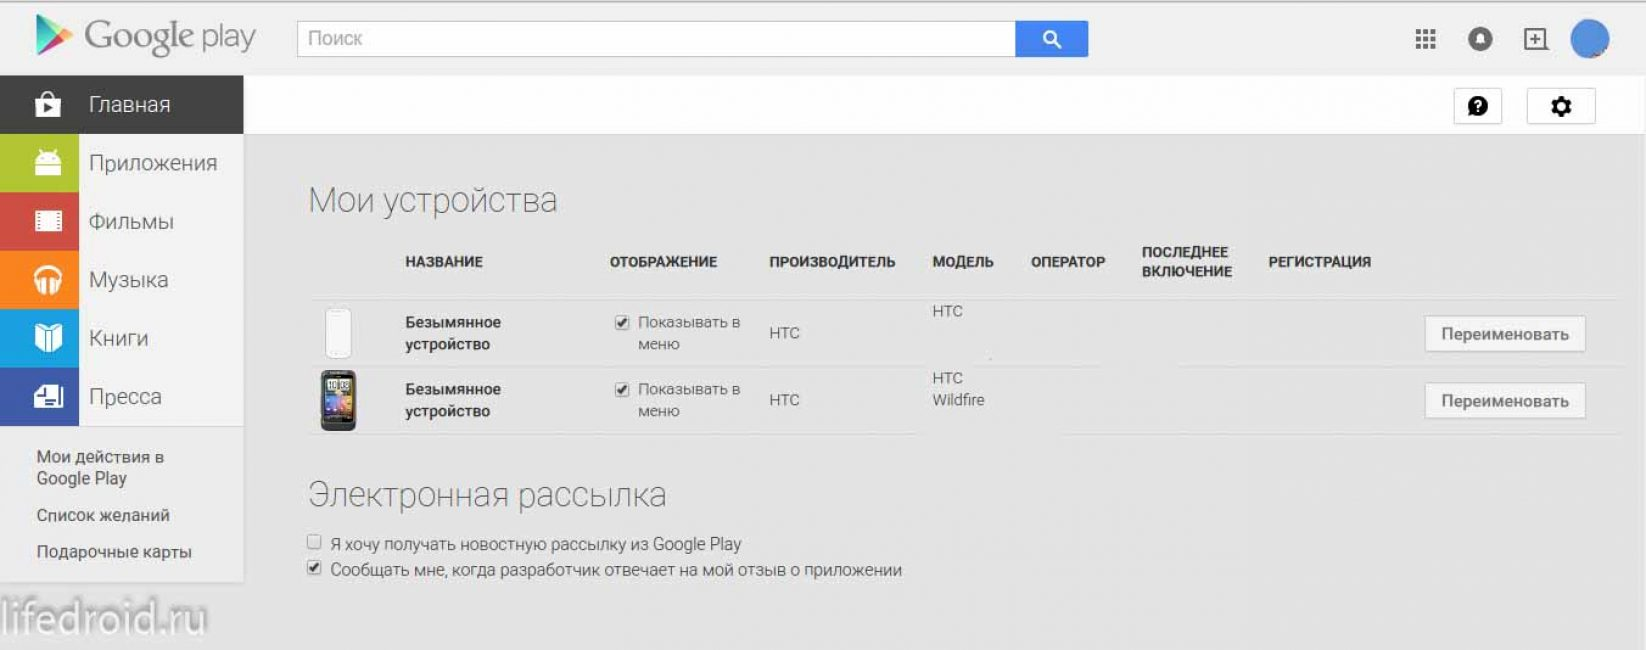 Устройства в Гугл Плей